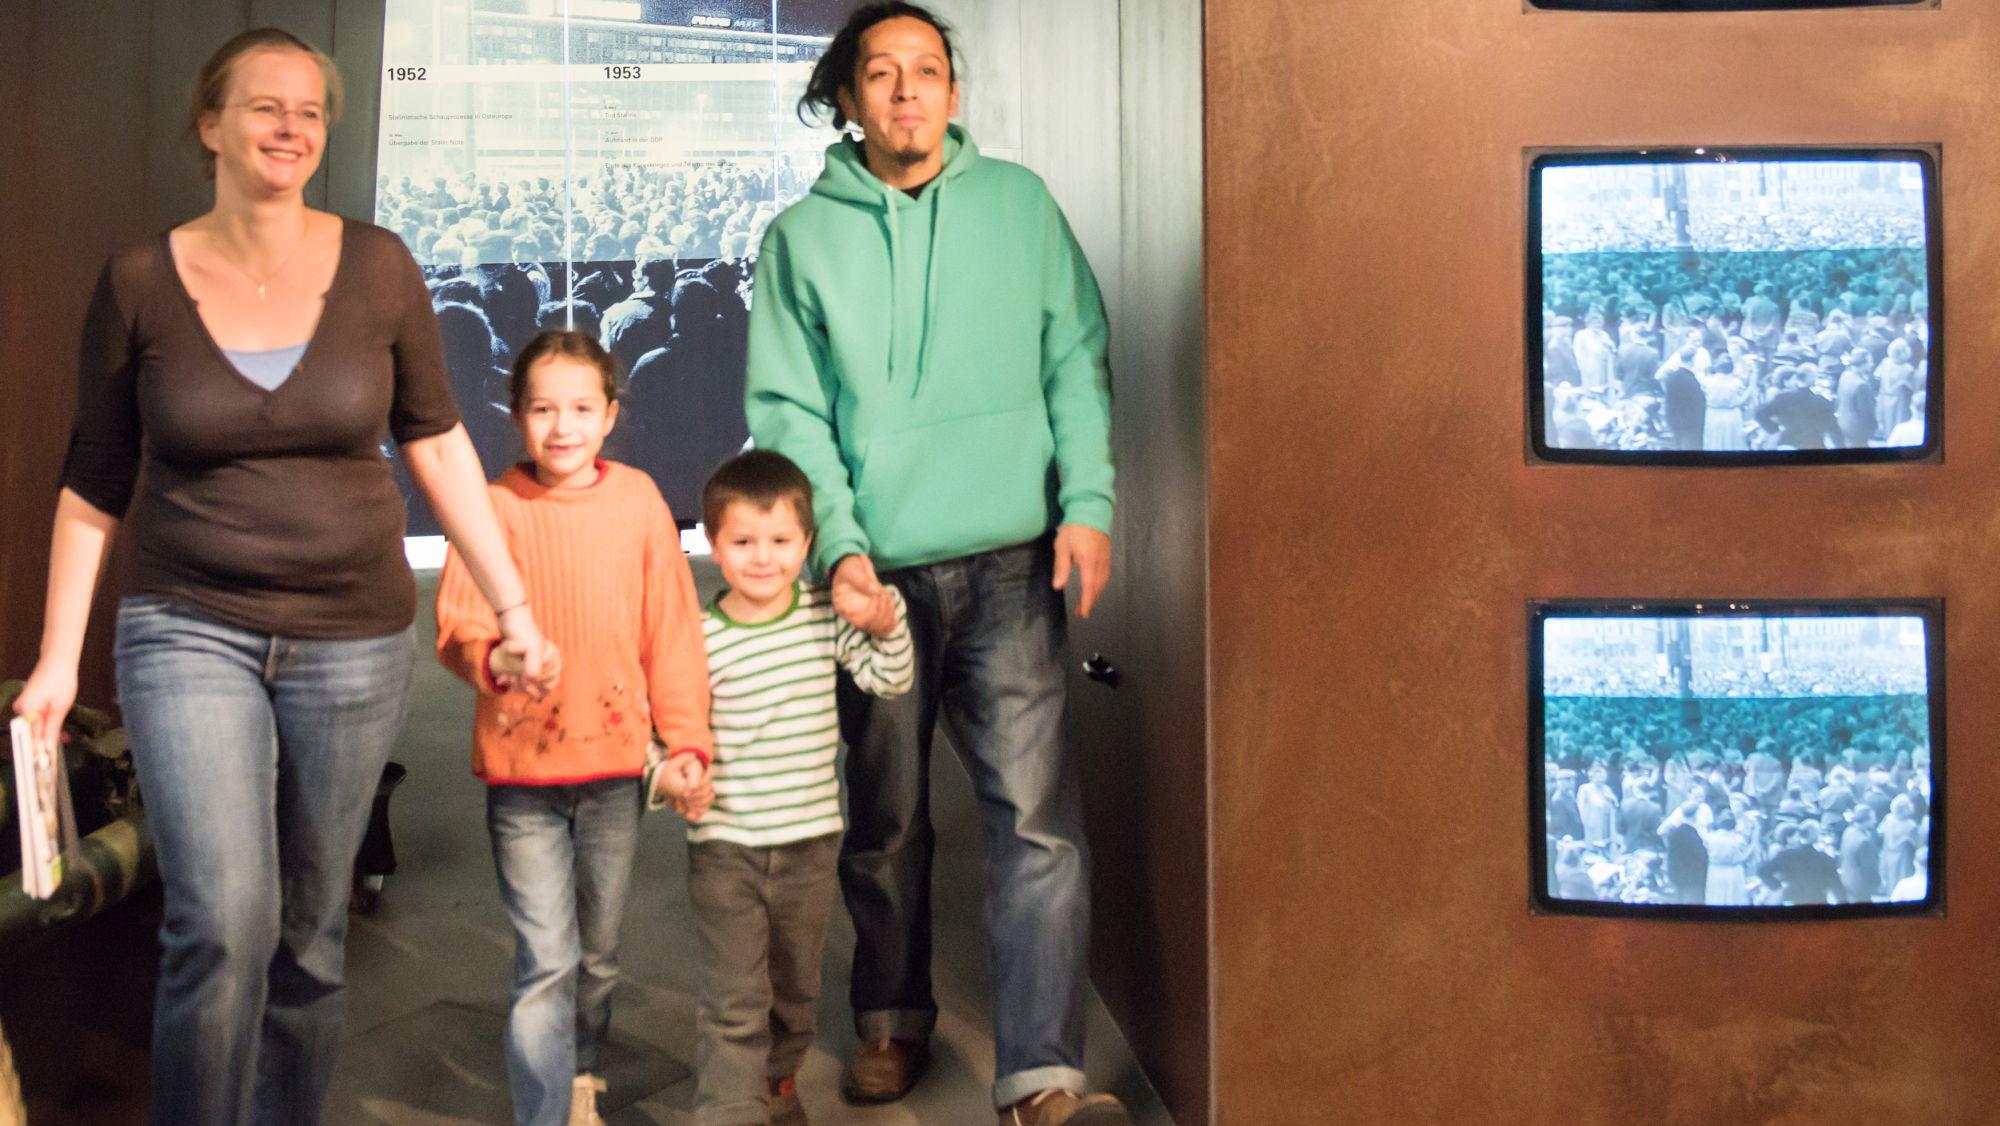 Eine Familie fasst sich an den Händen, links die Mutter, neben ihr ein etwa achtjähriges Mädchen, ein etwa fünfjähriger Junge und ganz rechts der Vater